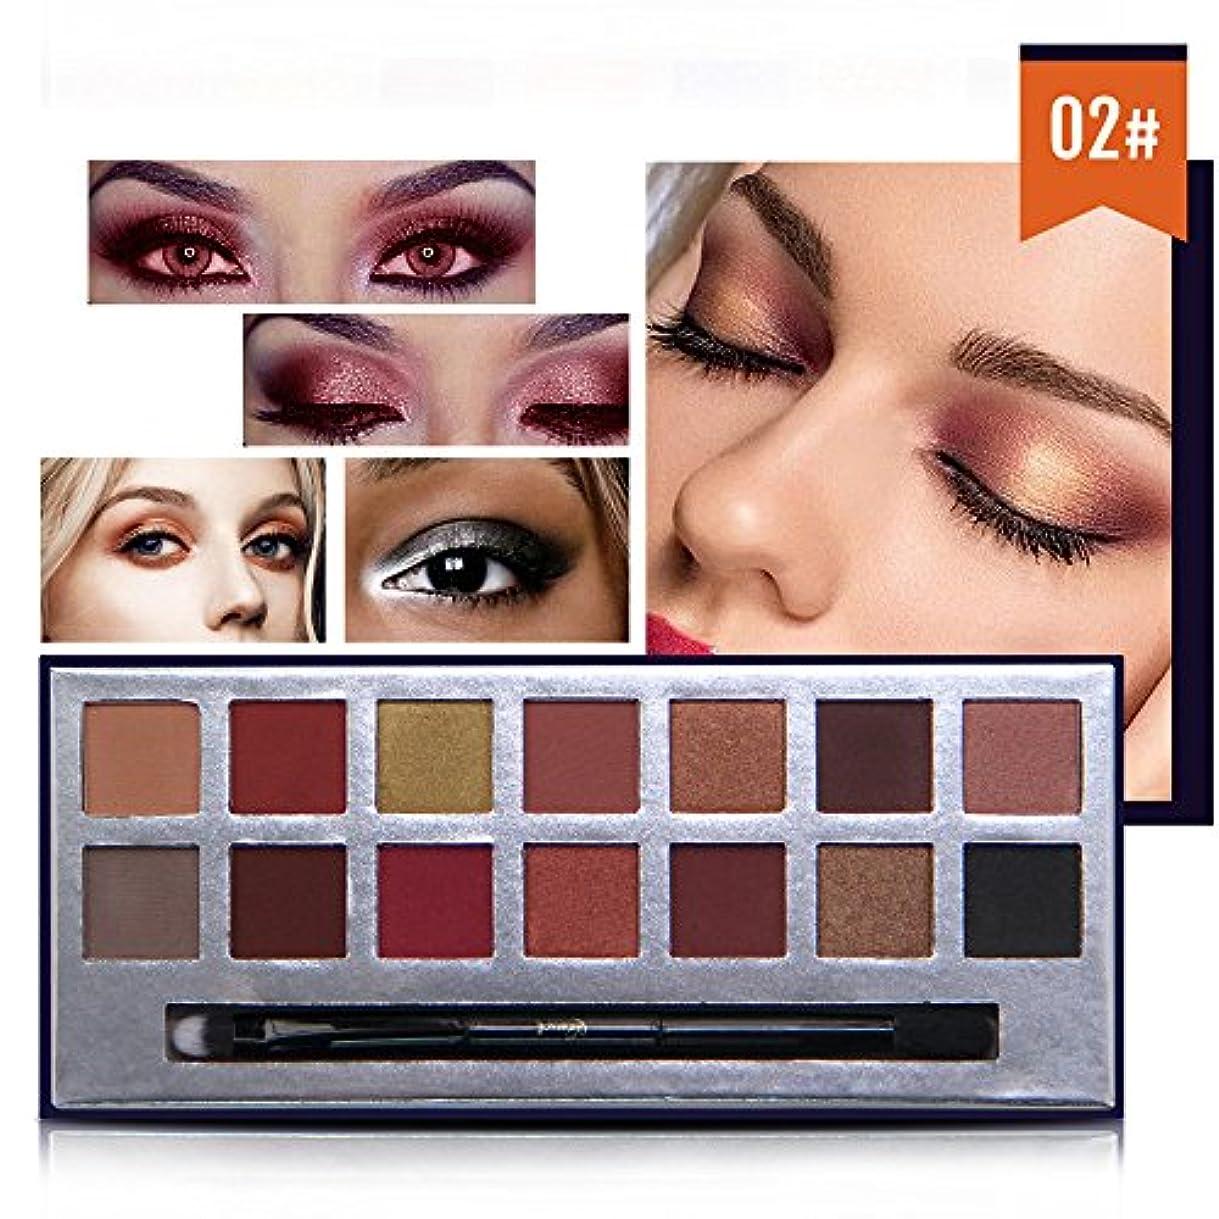 ダイヤモンドハブブ添加Akane アイシャドウパレット NICEFACE 綺麗 マット 魅力的 ファッション 人気 クリーム 気質的 キラキラ チャーム 防水 長持ち おしゃれ 持ち便利 Eye Shadow (14色) E17088